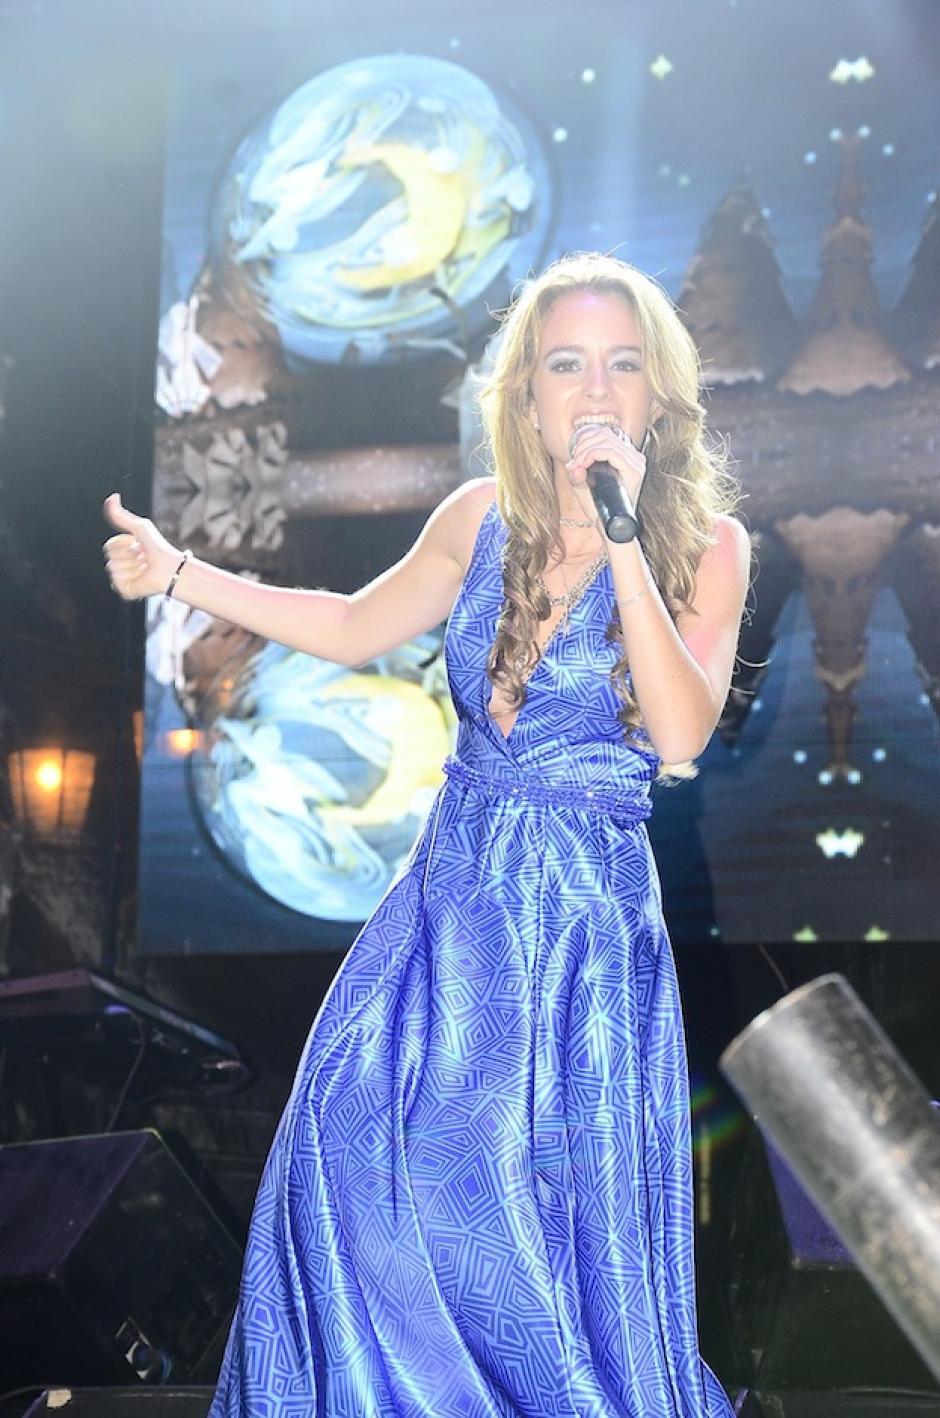 La cantautora guatemalteca Stephanie Zelaya abrió el concierto del dúo mexicano. (Foto: Abner Salguero/Nuestro Diario)